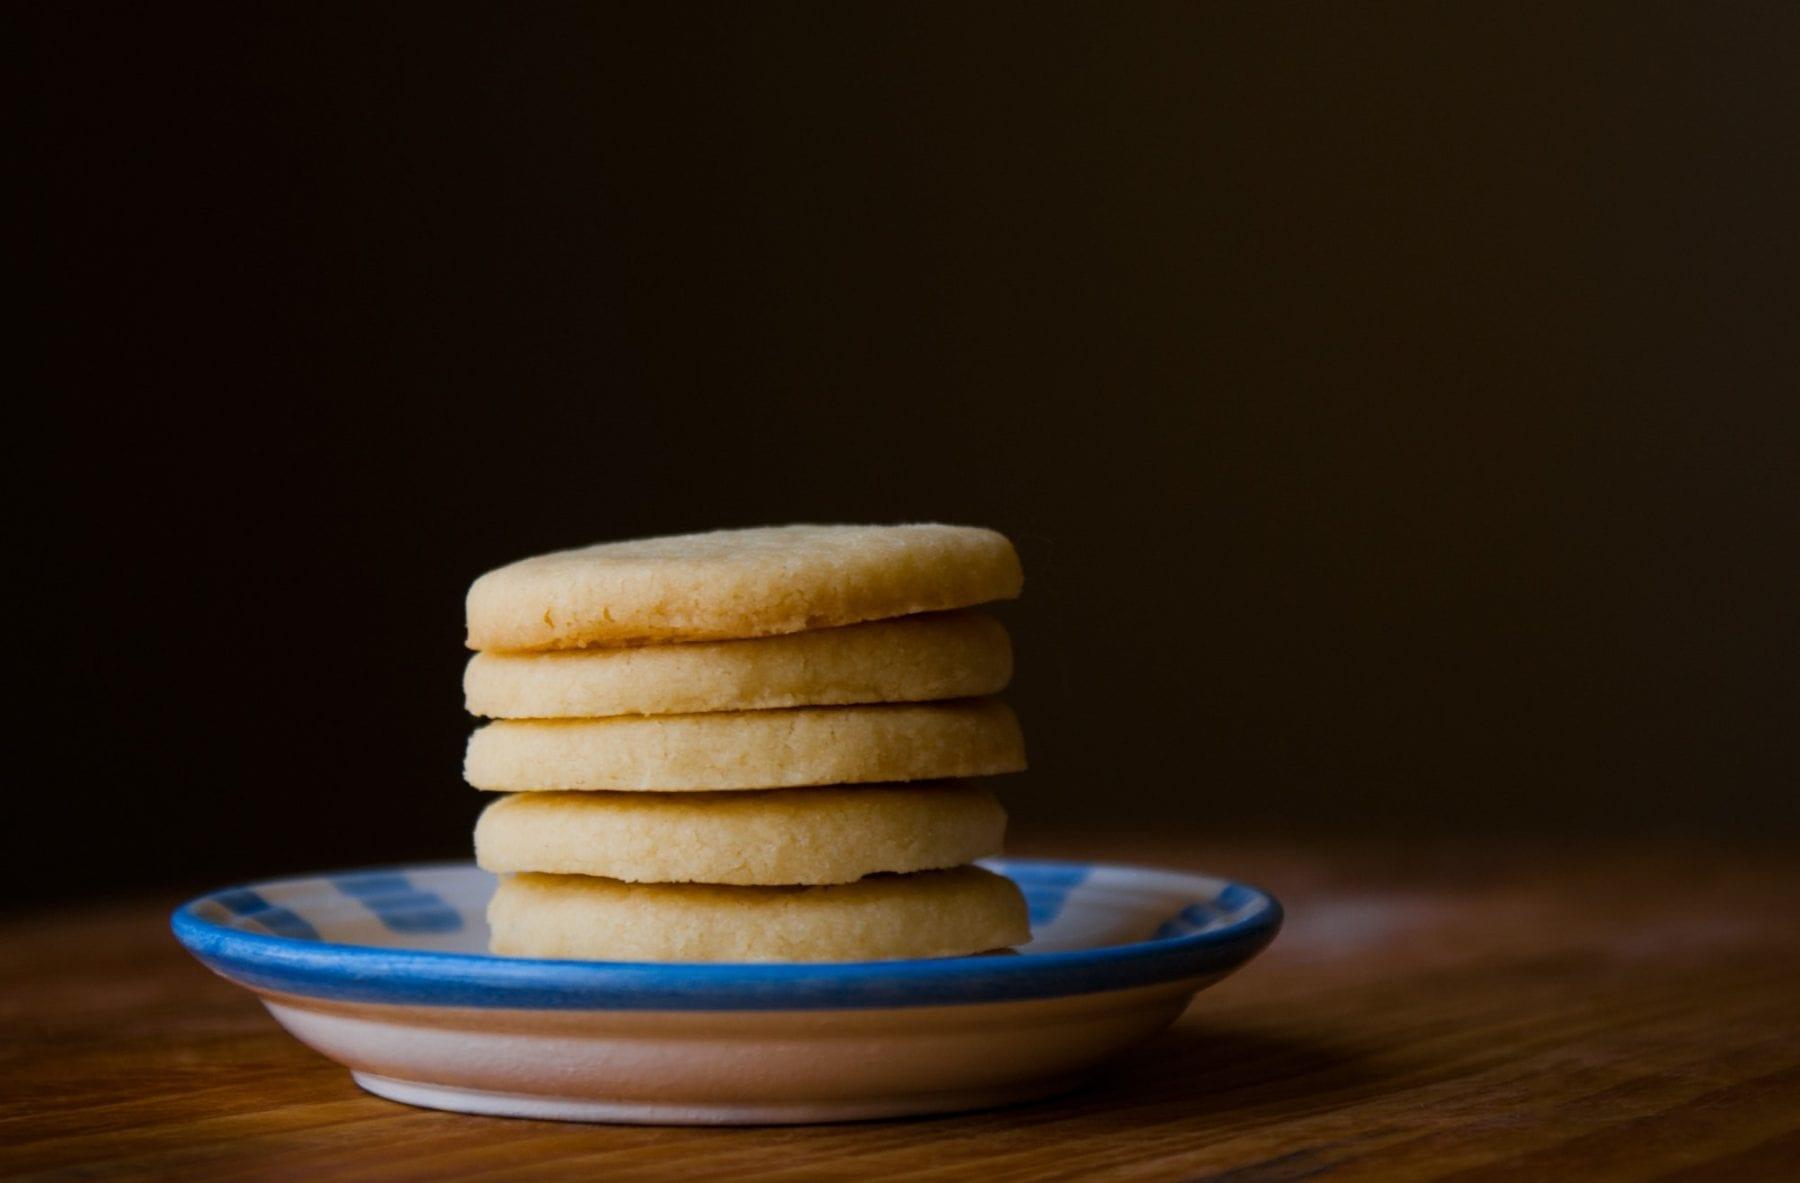 Le Migliori Ricette Di Snack Salutari